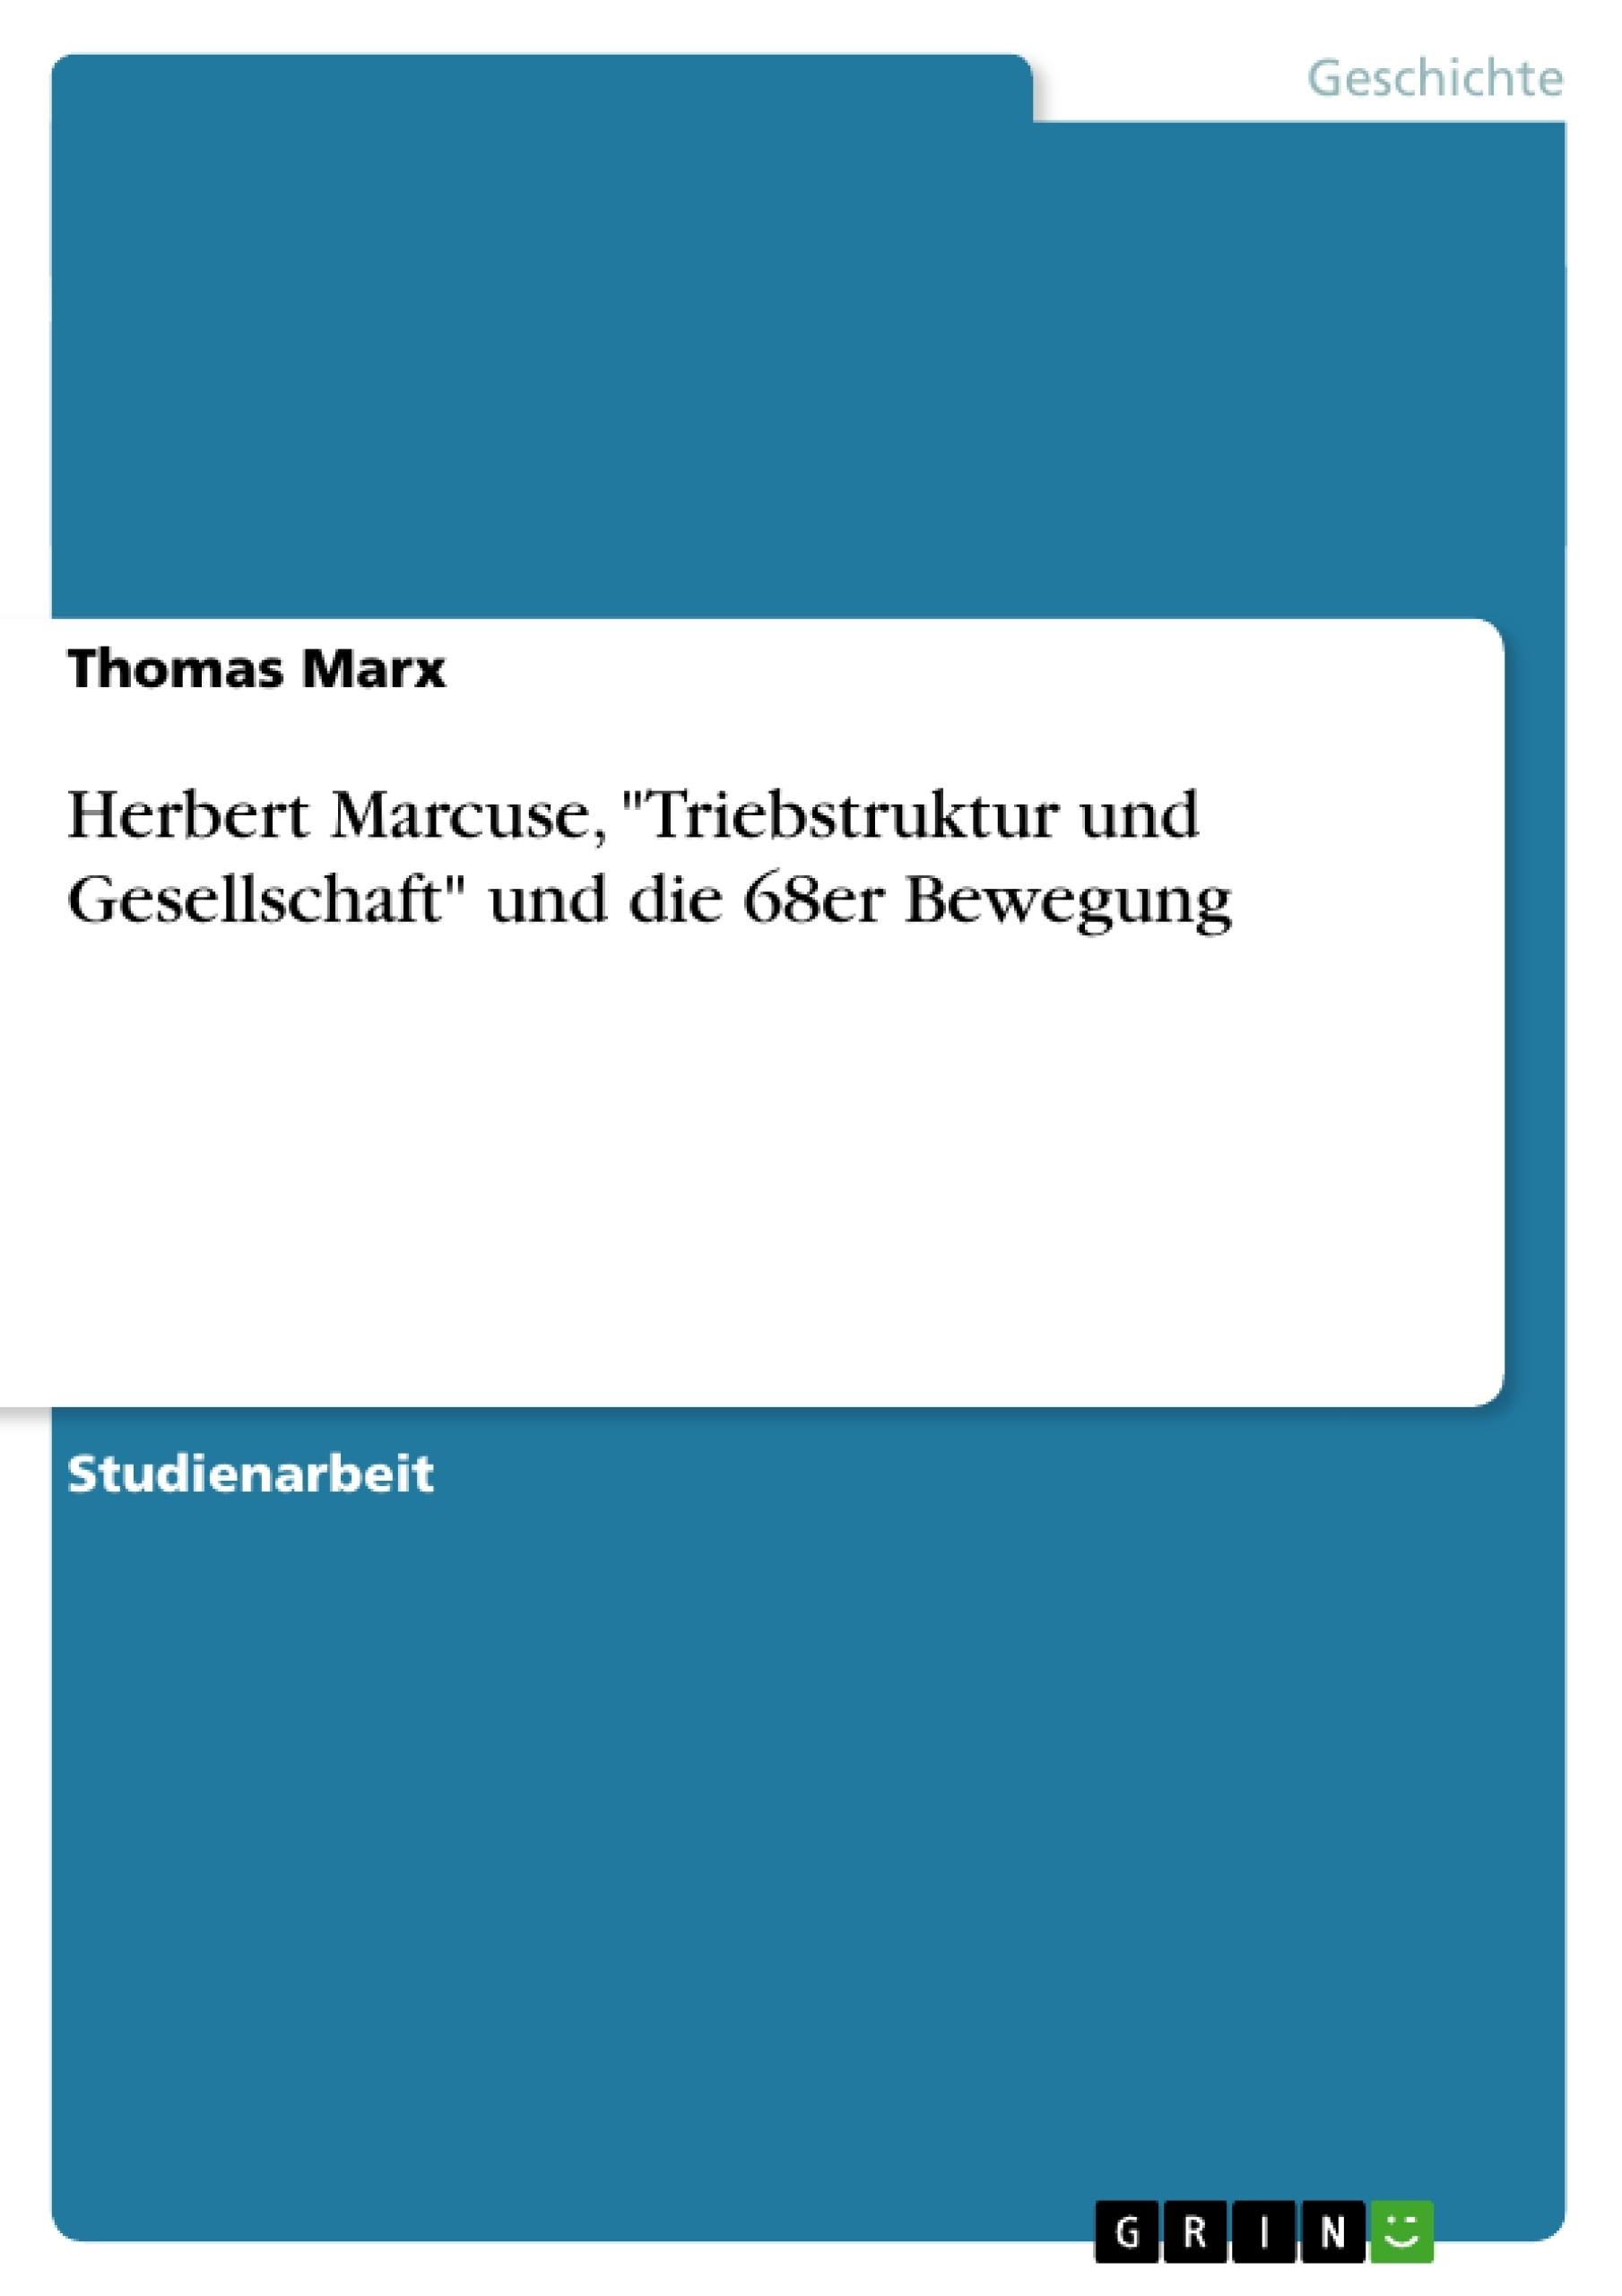 """Titel: Herbert Marcuse, """"Triebstruktur und Gesellschaft"""" und die 68er Bewegung"""